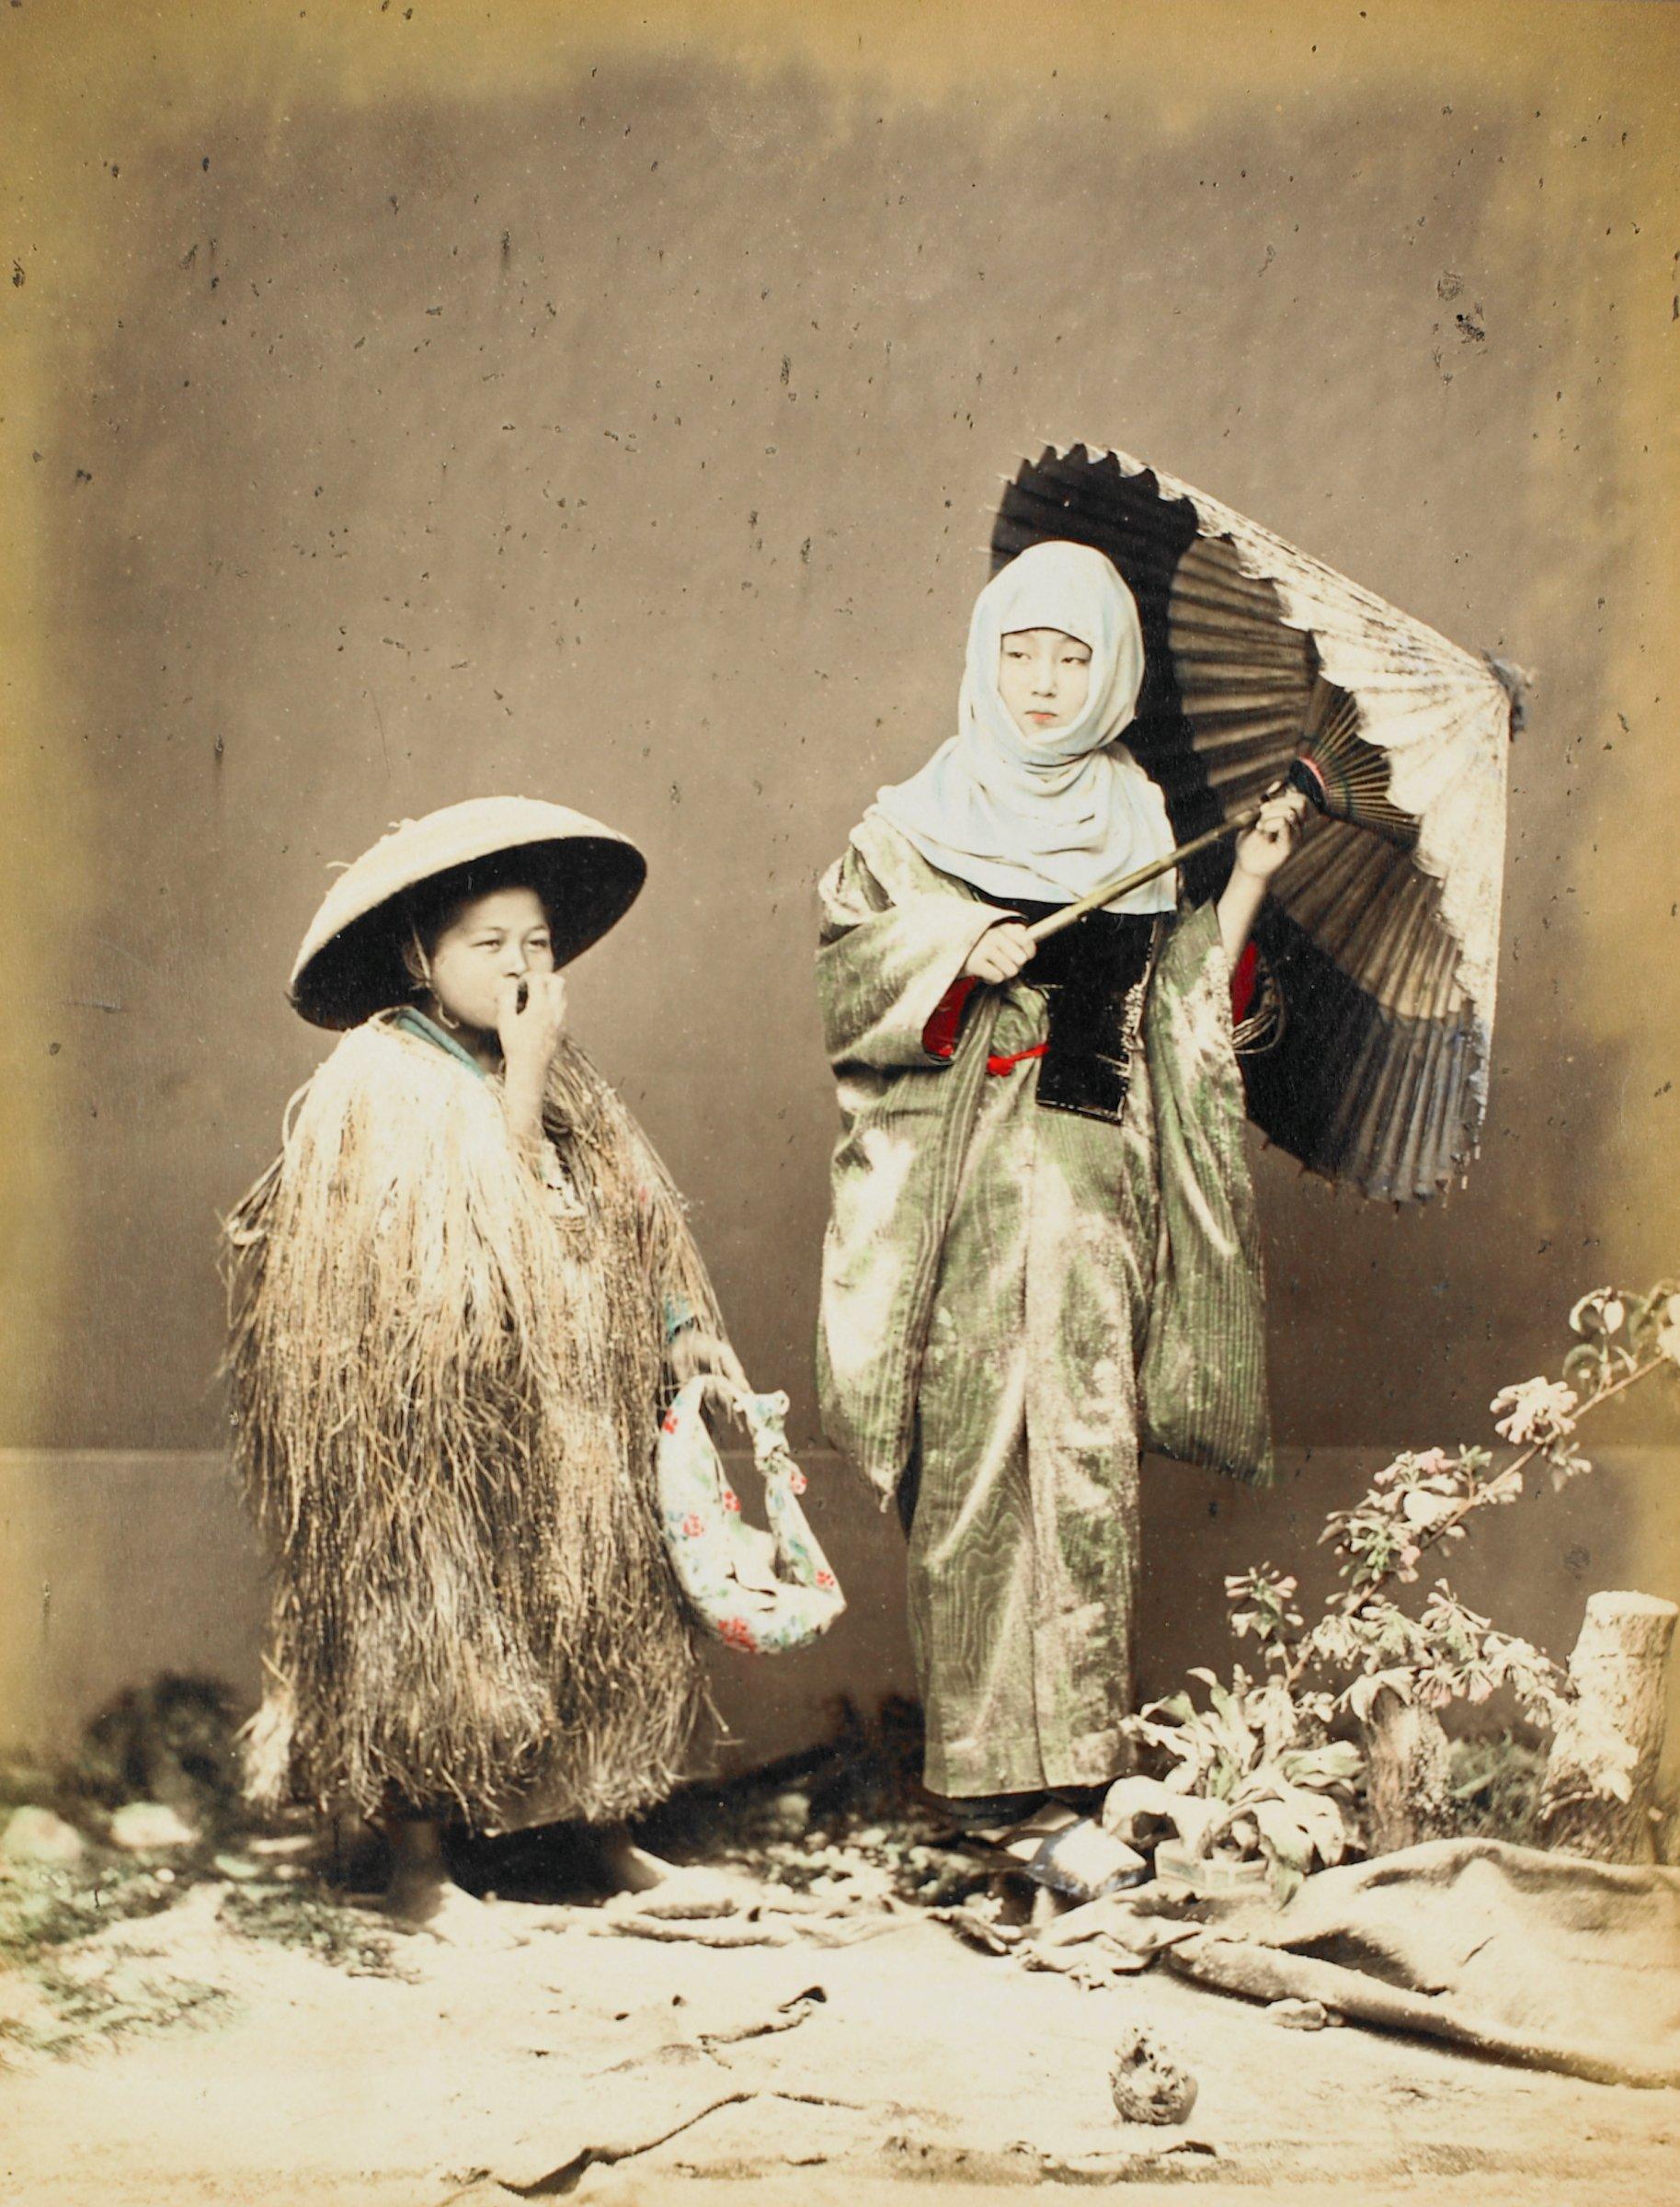 Winter Costume (recto); Jzo Gamman Nikko (verso), Attributed to Kusakabe Kimbei, hand-colored albumen prints